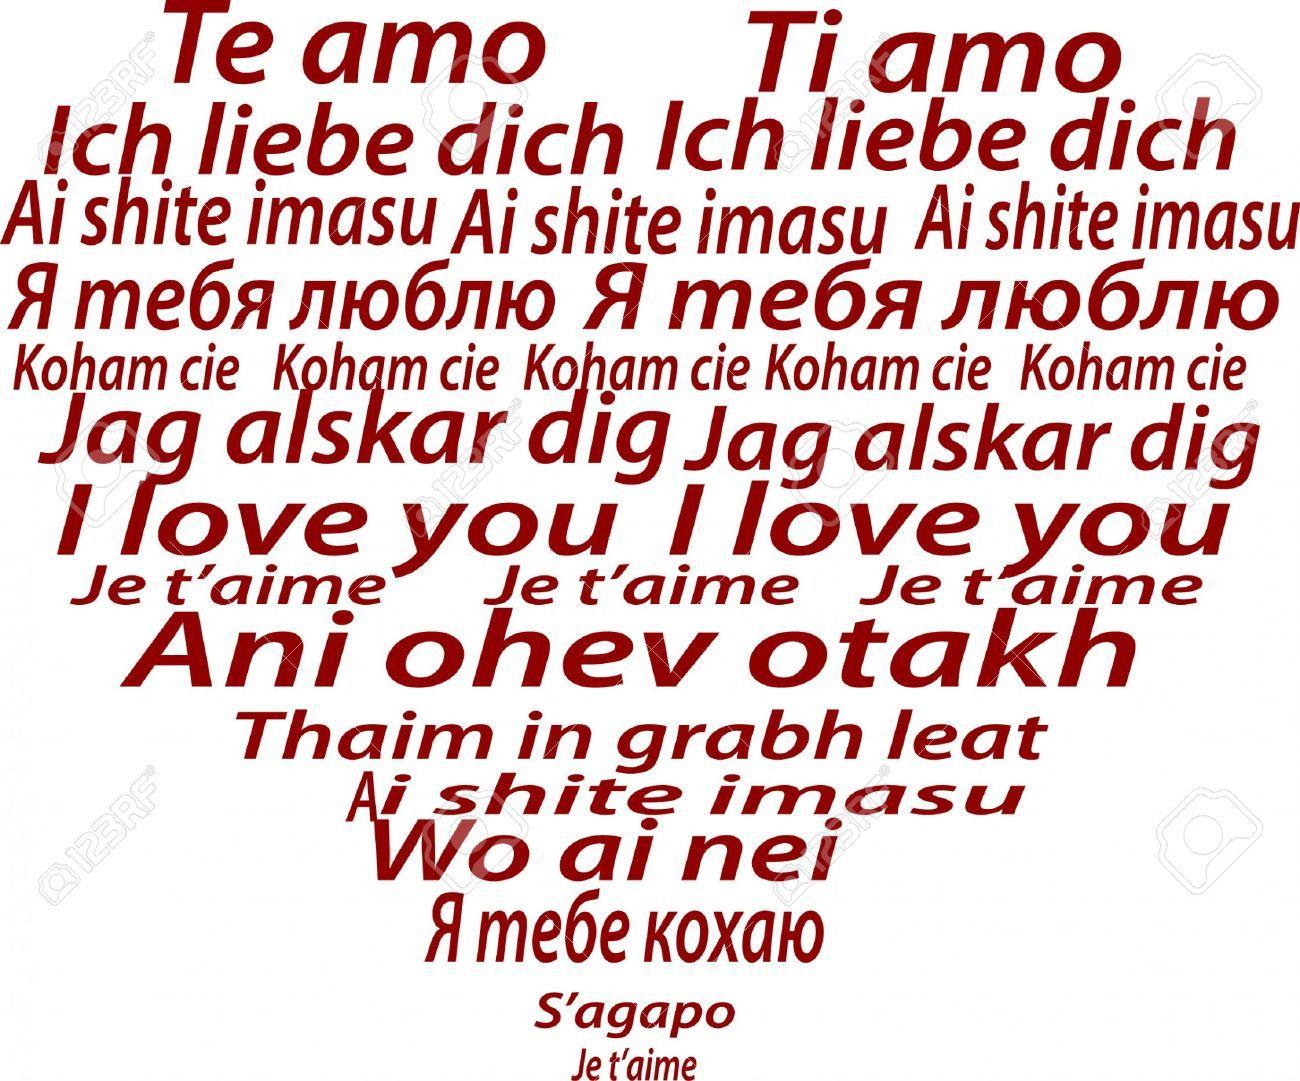 Картинка со словами я люблю тебя на всех языках мира